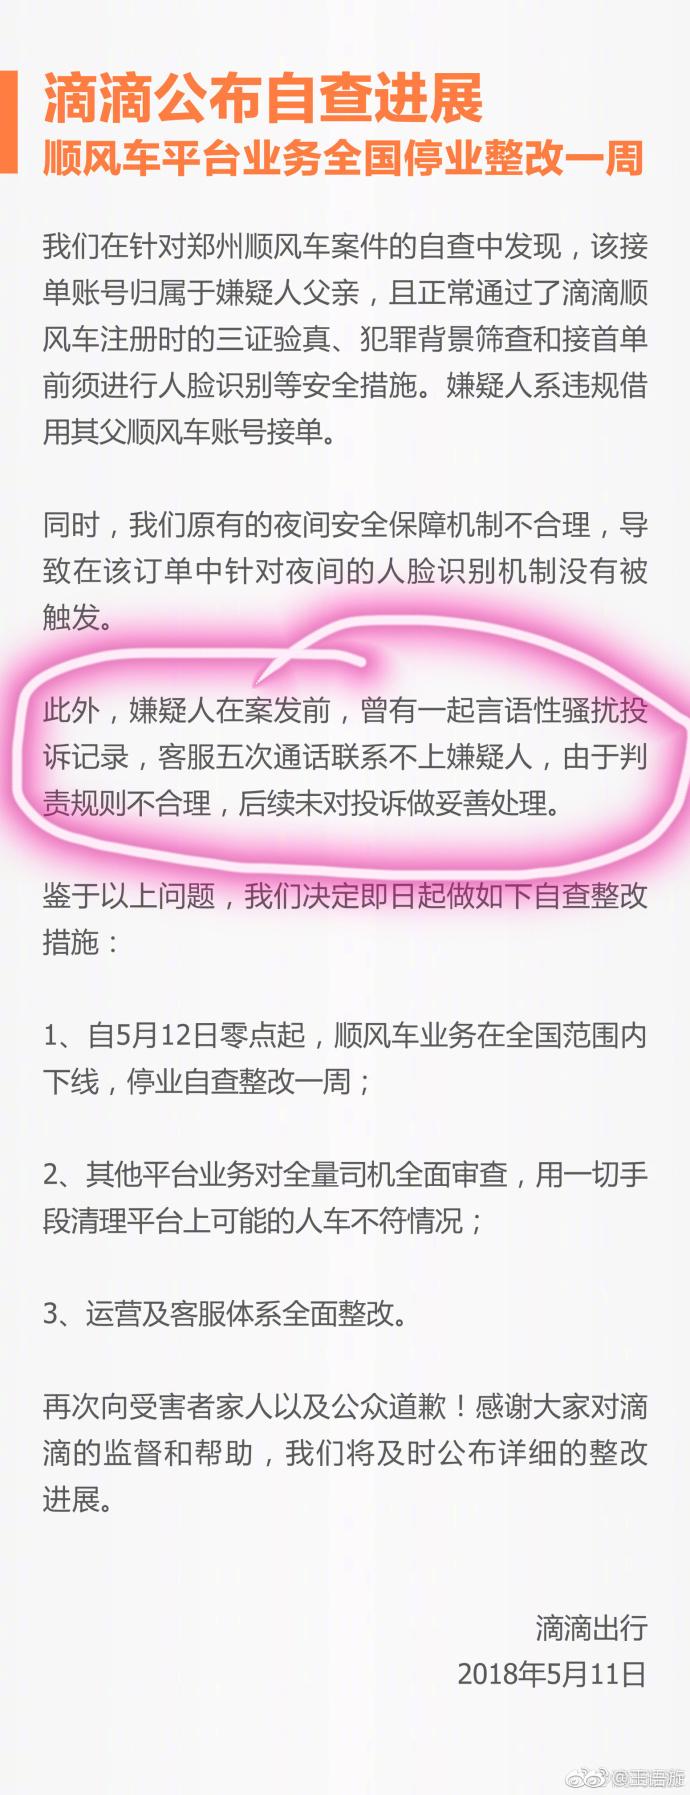 此图来自微博用户@王语漩,她特别圈出了可以证实嫌疑人司机曾受到投诉一事的内容